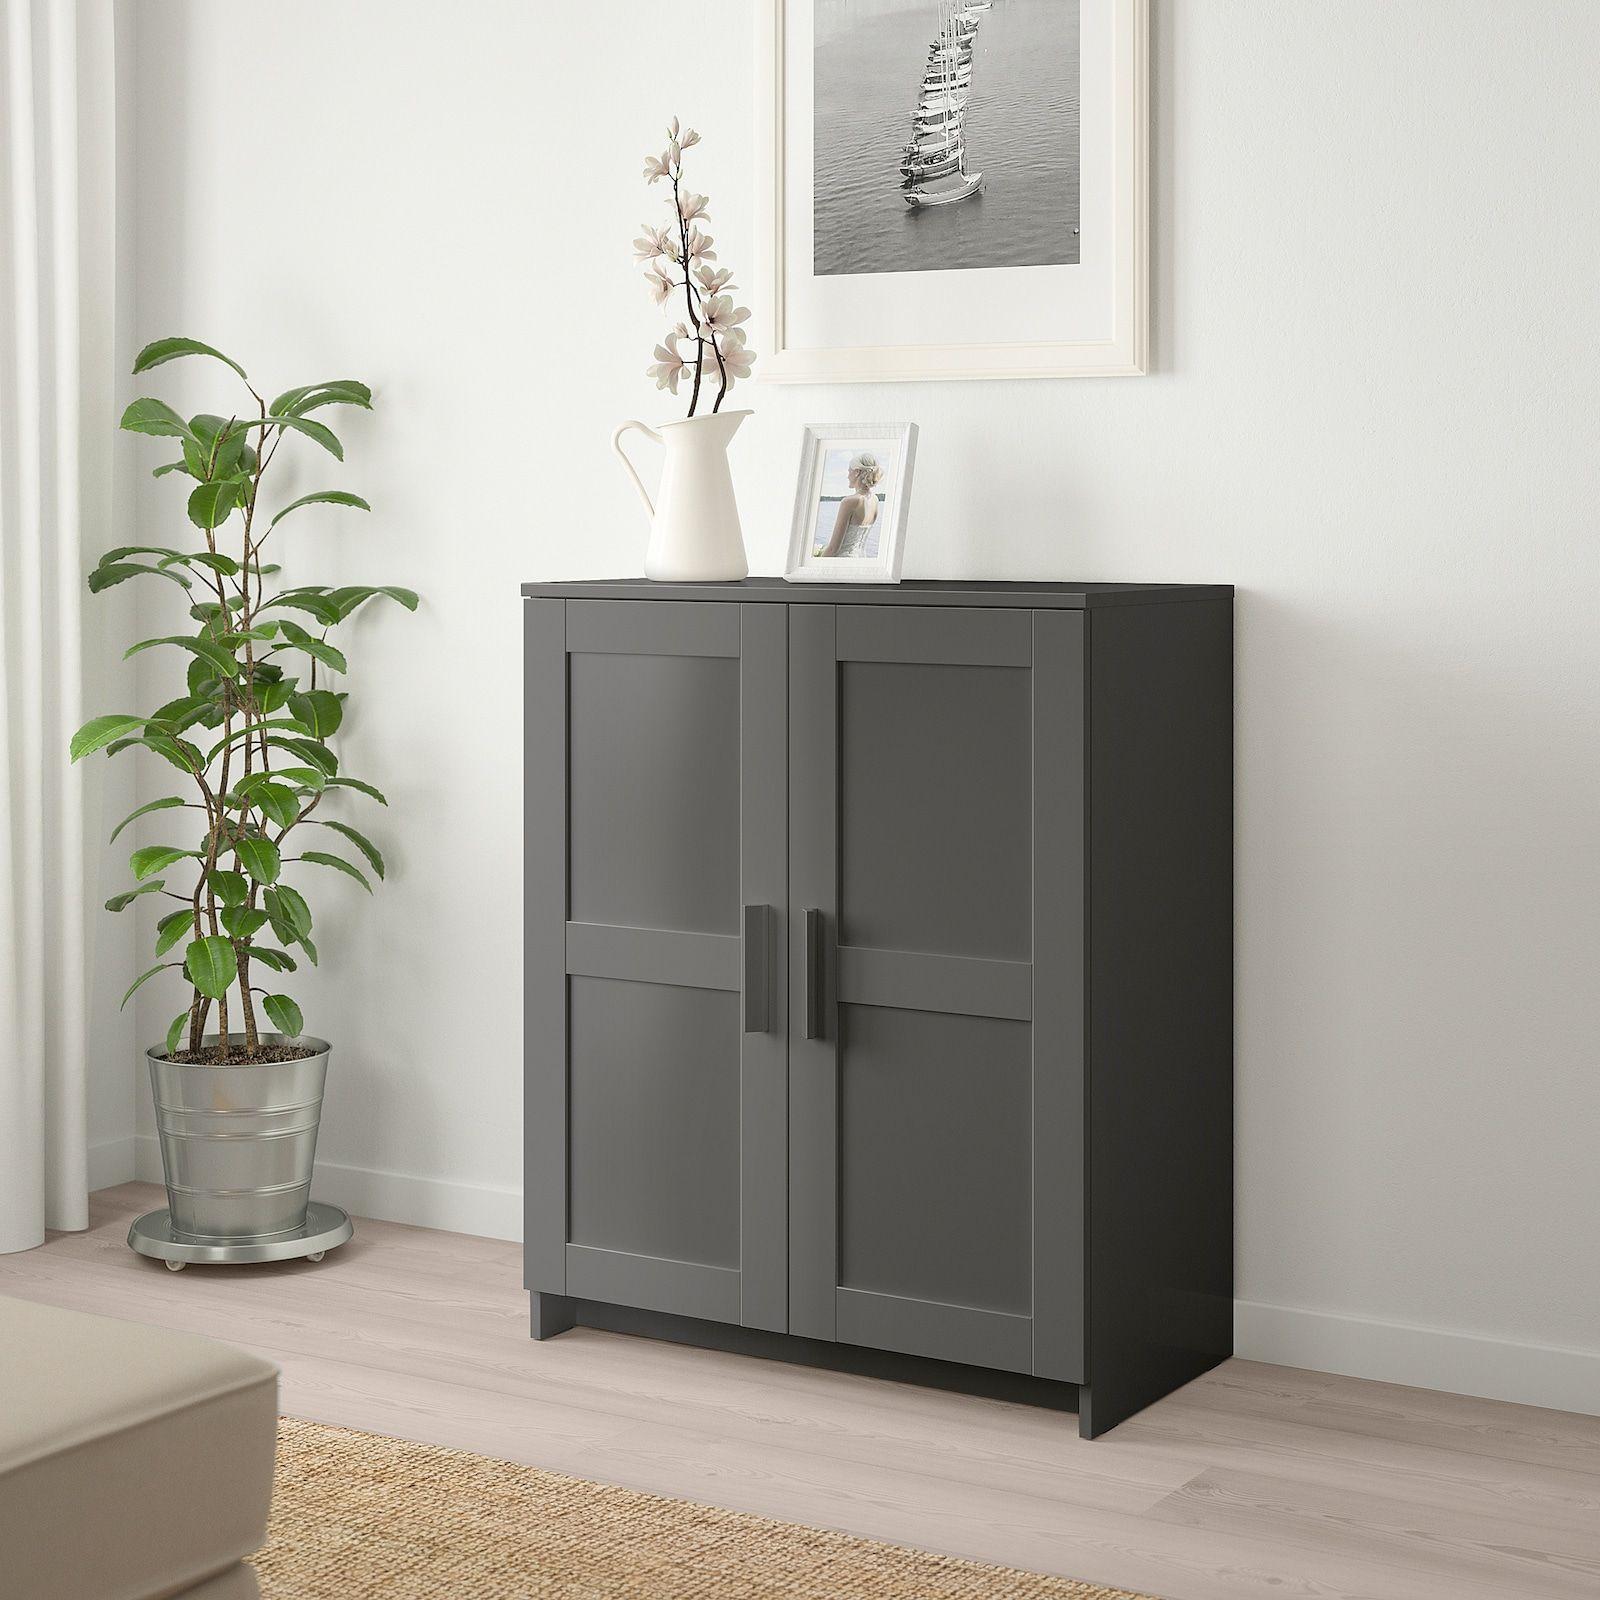 Brimnes Cabinet With Doors Gray 30 3 4x37 3 8 Ikea In 2021 Brimnes Cabinet Custom Cabinet Doors Brimnes Cabinet With Doors Small storage cabinet with doors